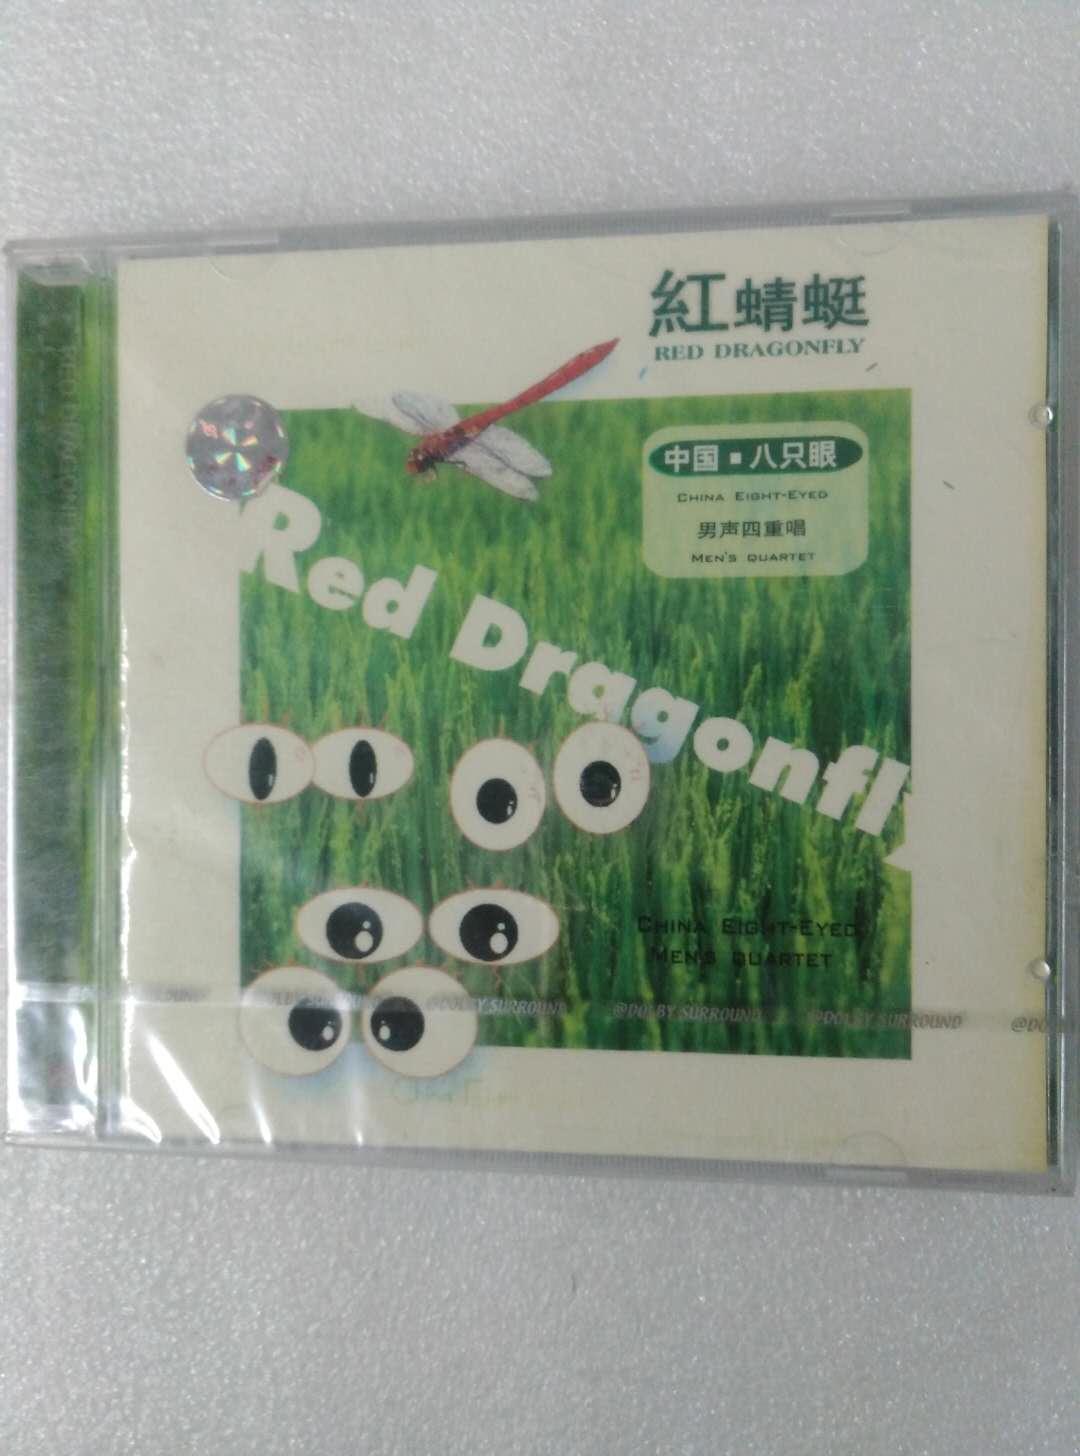 中国.八只眼男声四重唱红蜻蜓发烧试音CD环球唱片福建长龙影视